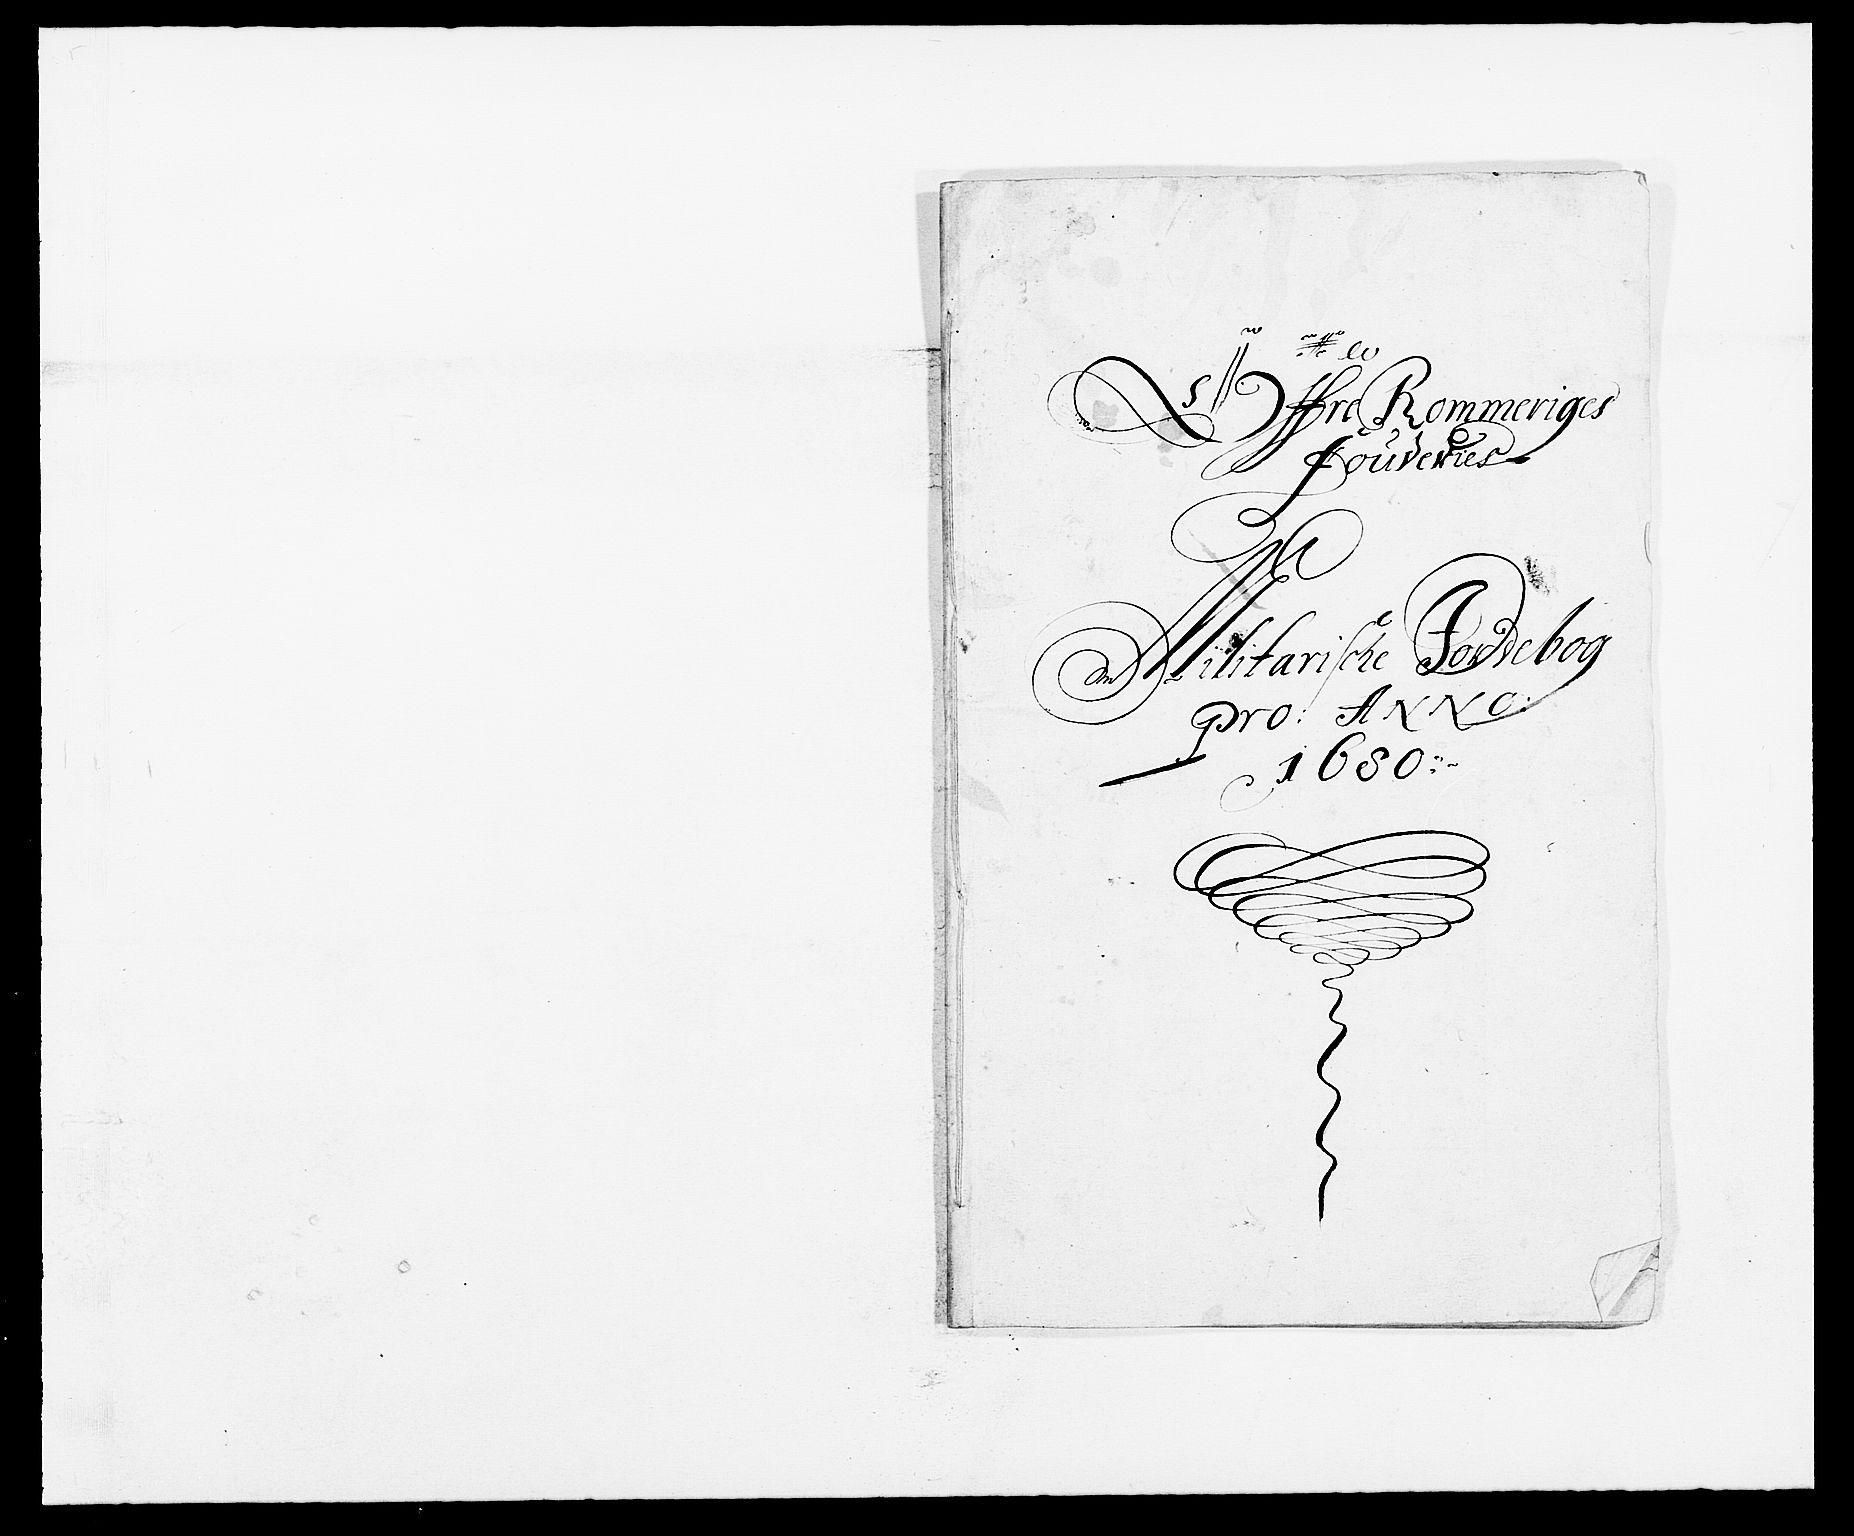 RA, Rentekammeret inntil 1814, Reviderte regnskaper, Fogderegnskap, R12/L0695: Fogderegnskap Øvre Romerike, 1680, s. 285